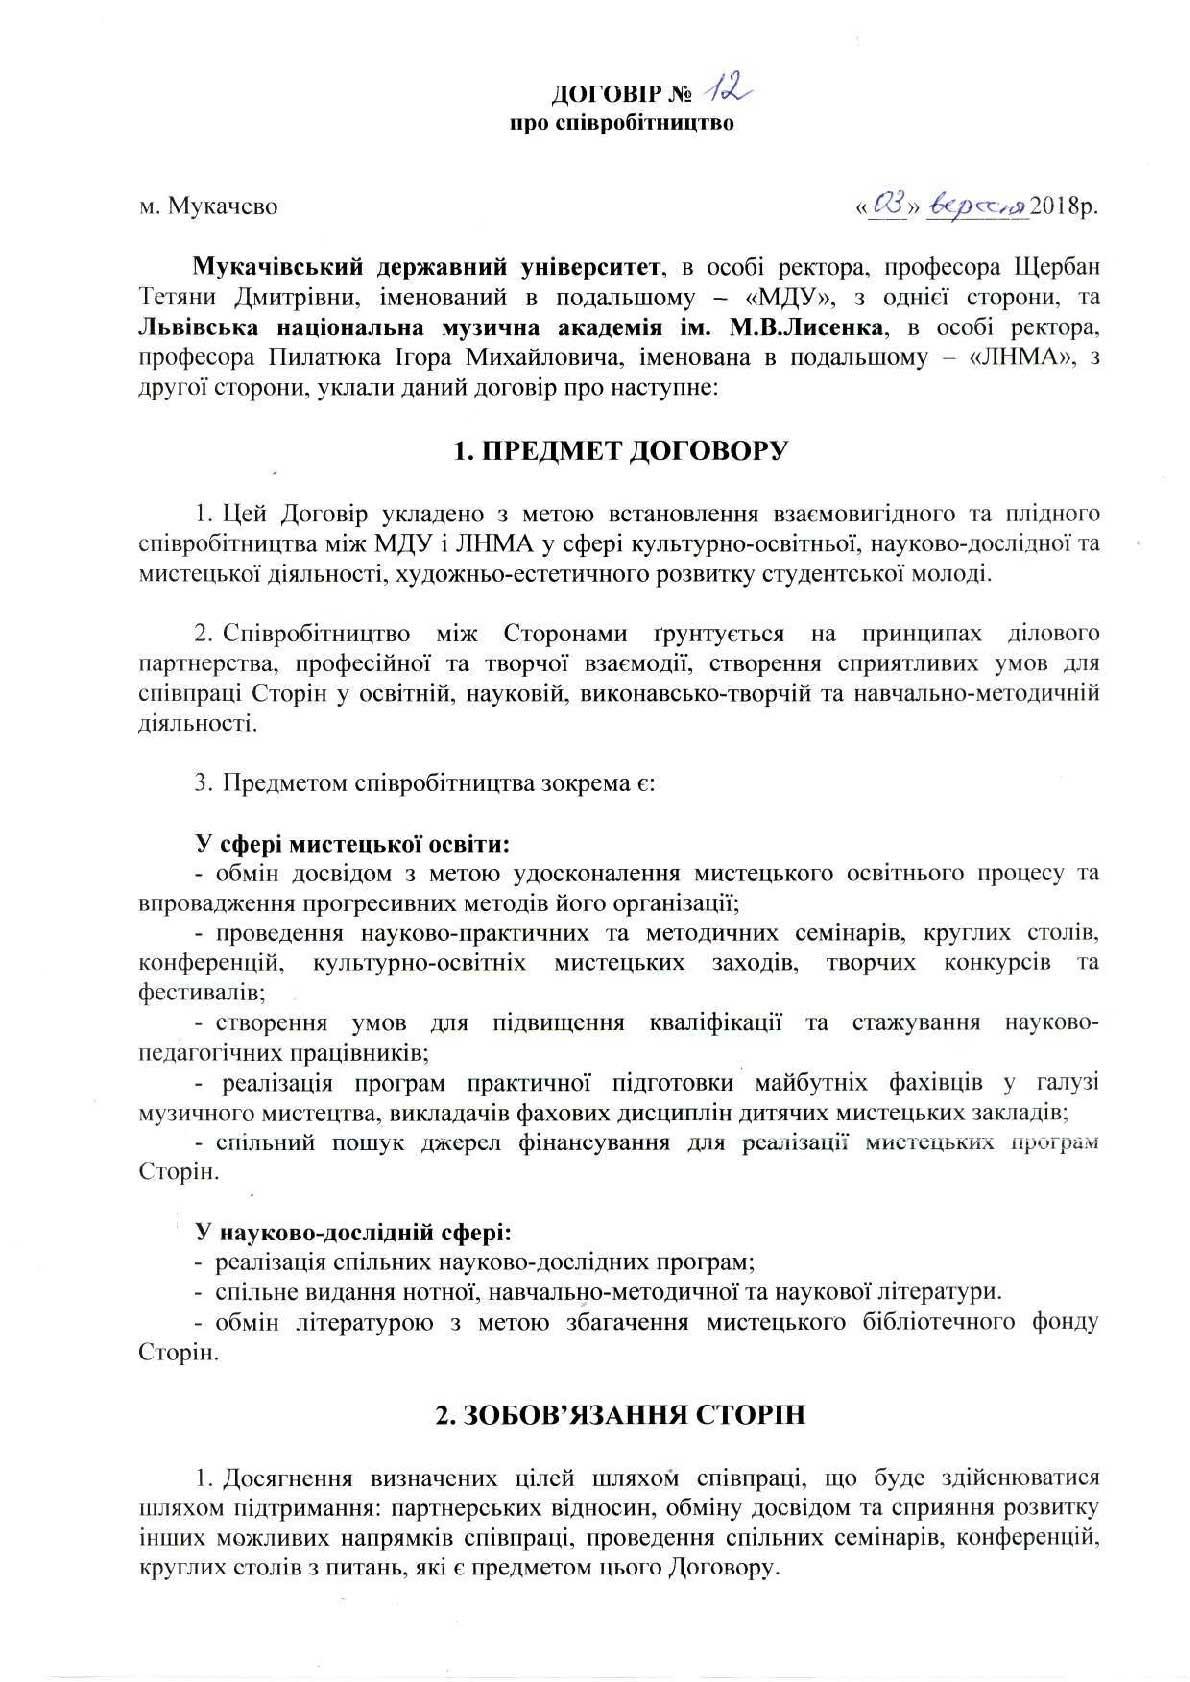 Договір про співпрацю між Мукачівським університетом та Львівською музичною академією